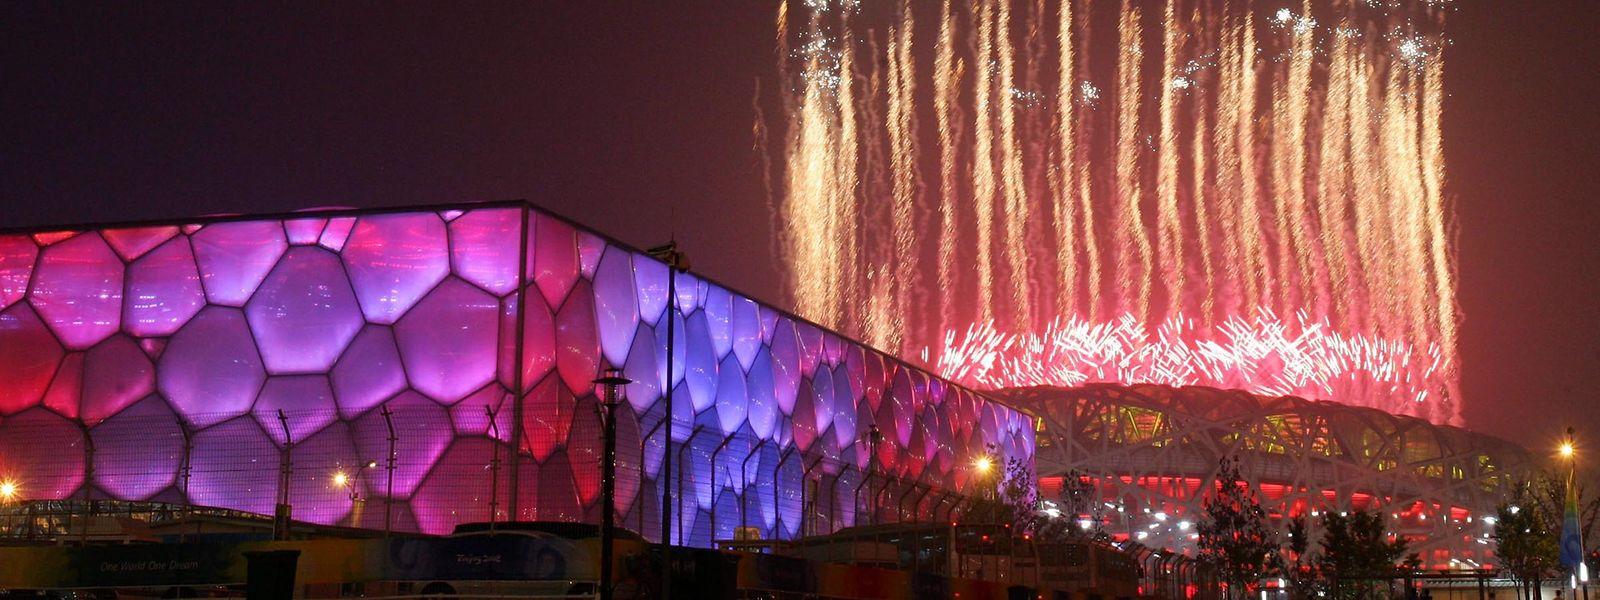 Jogos Olímpicos da China 2008